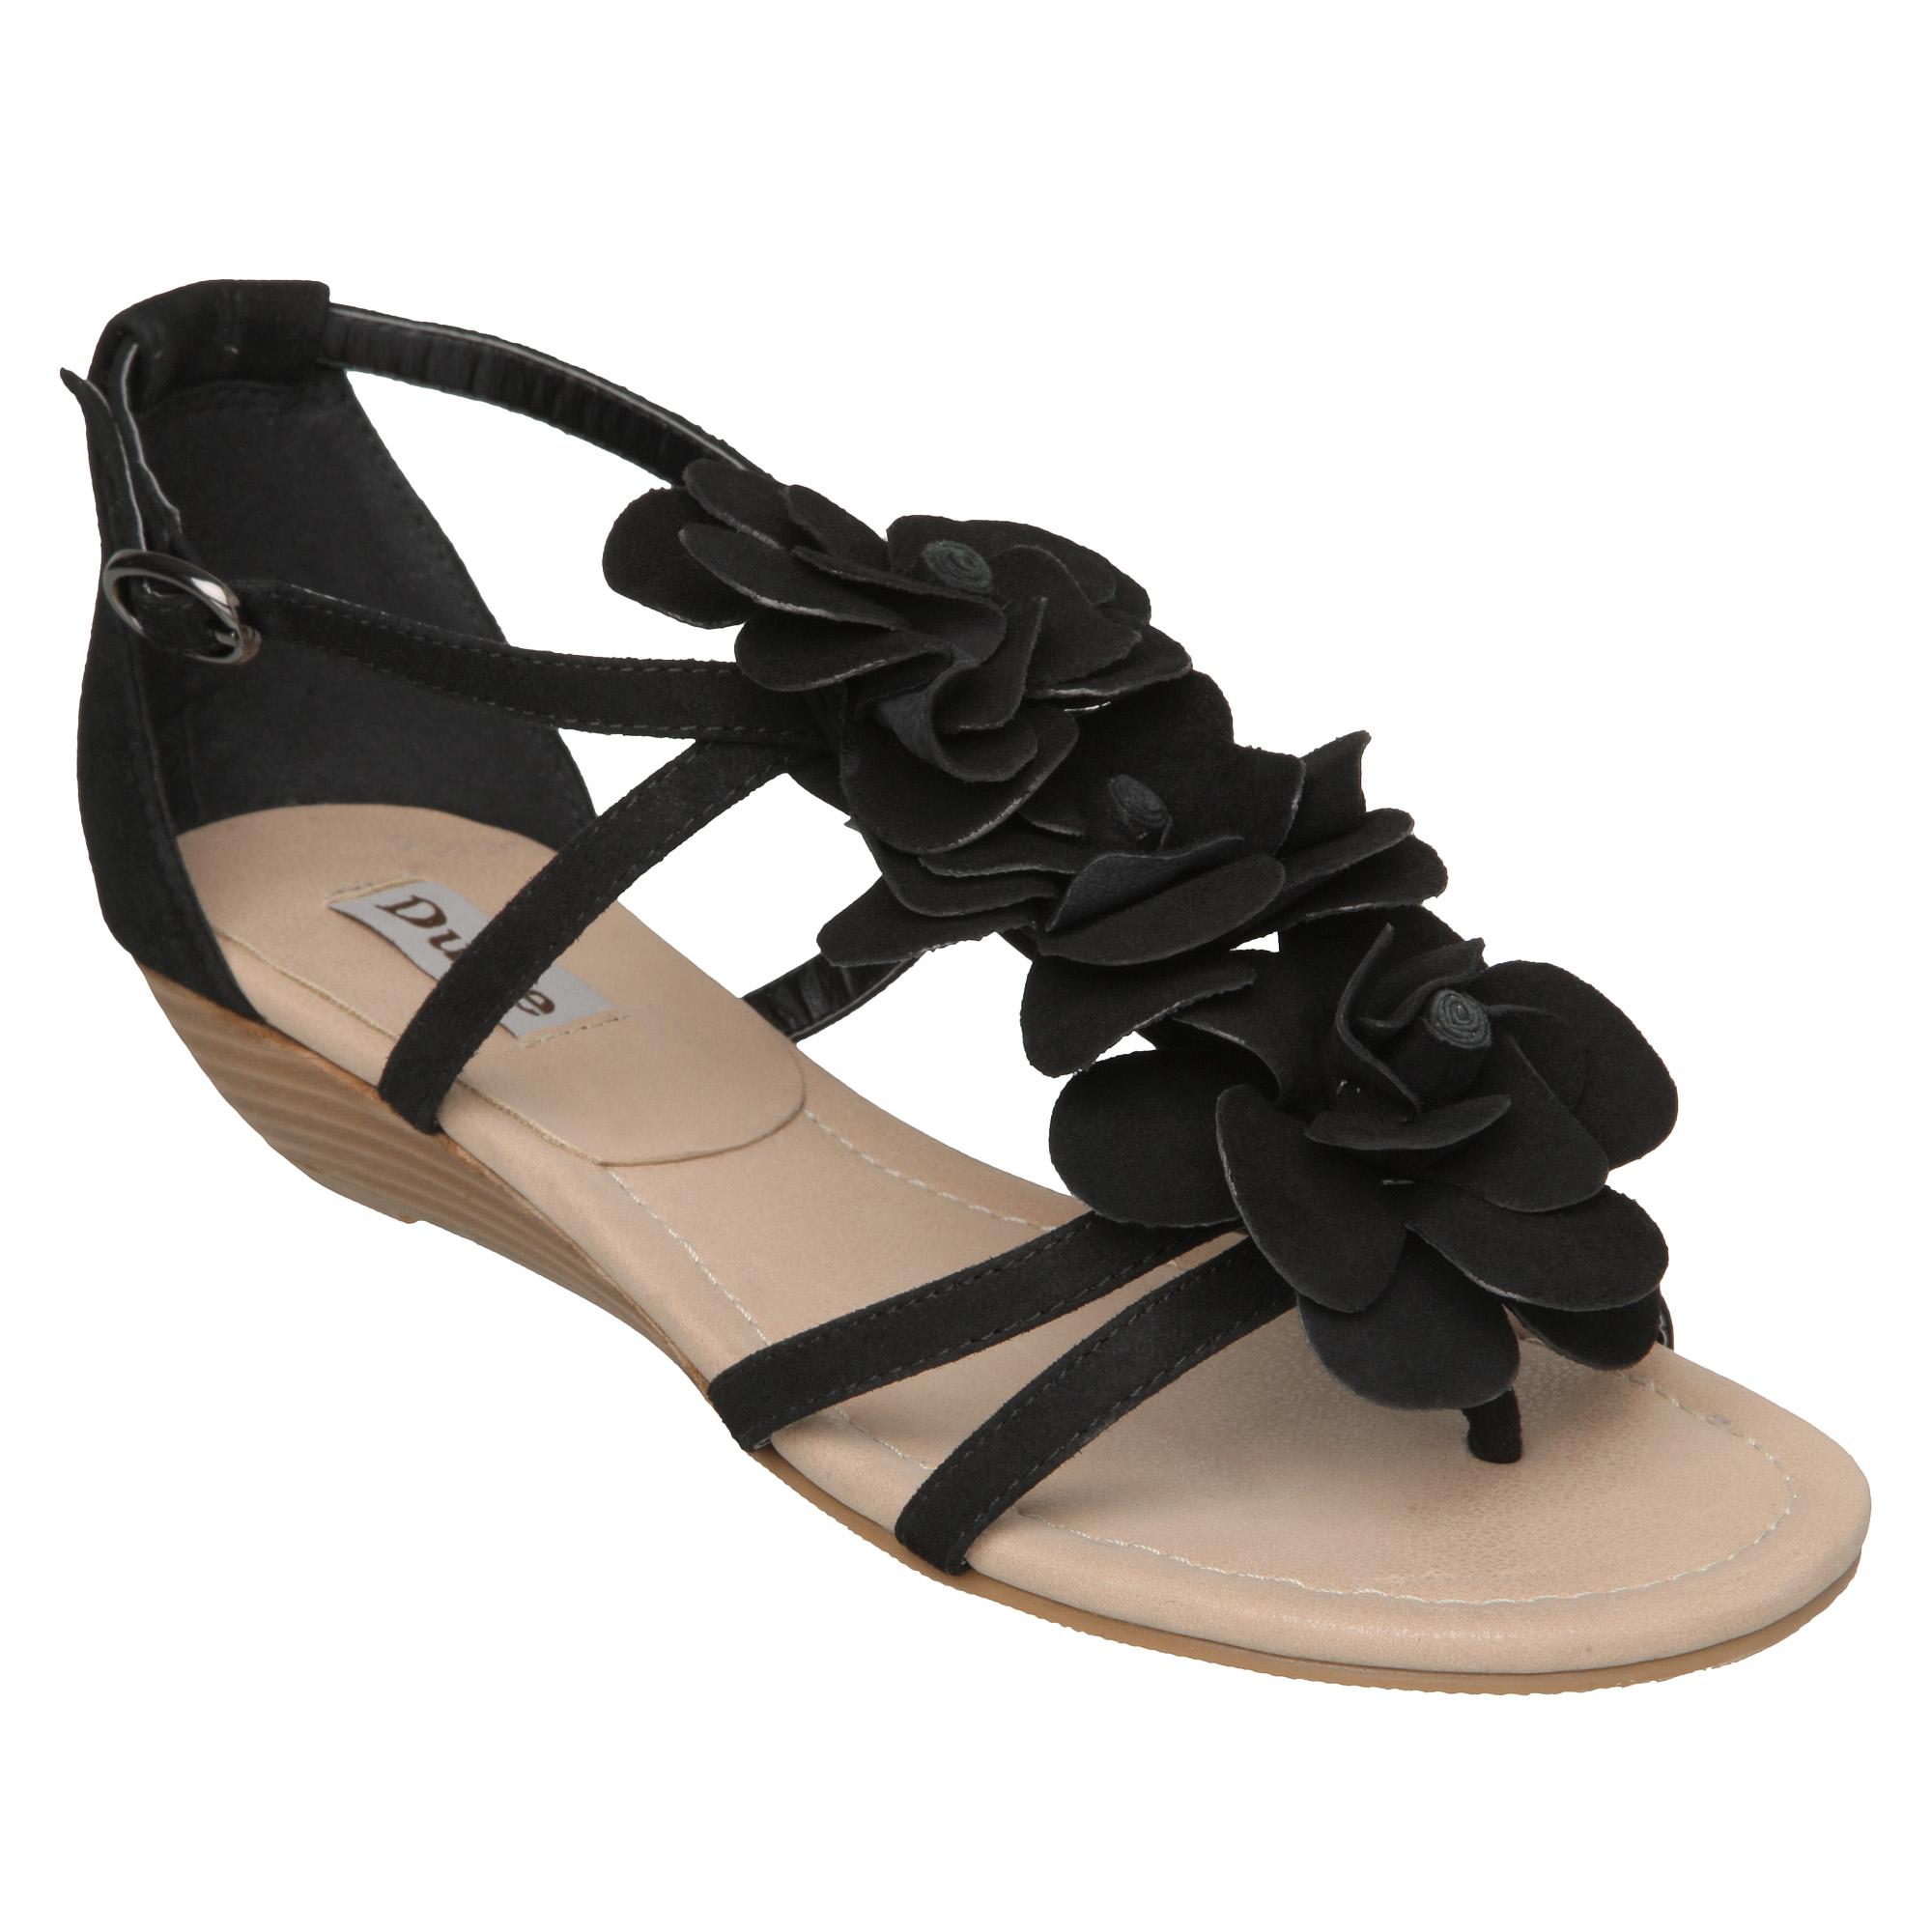 Dune Shoes Size  Ebay